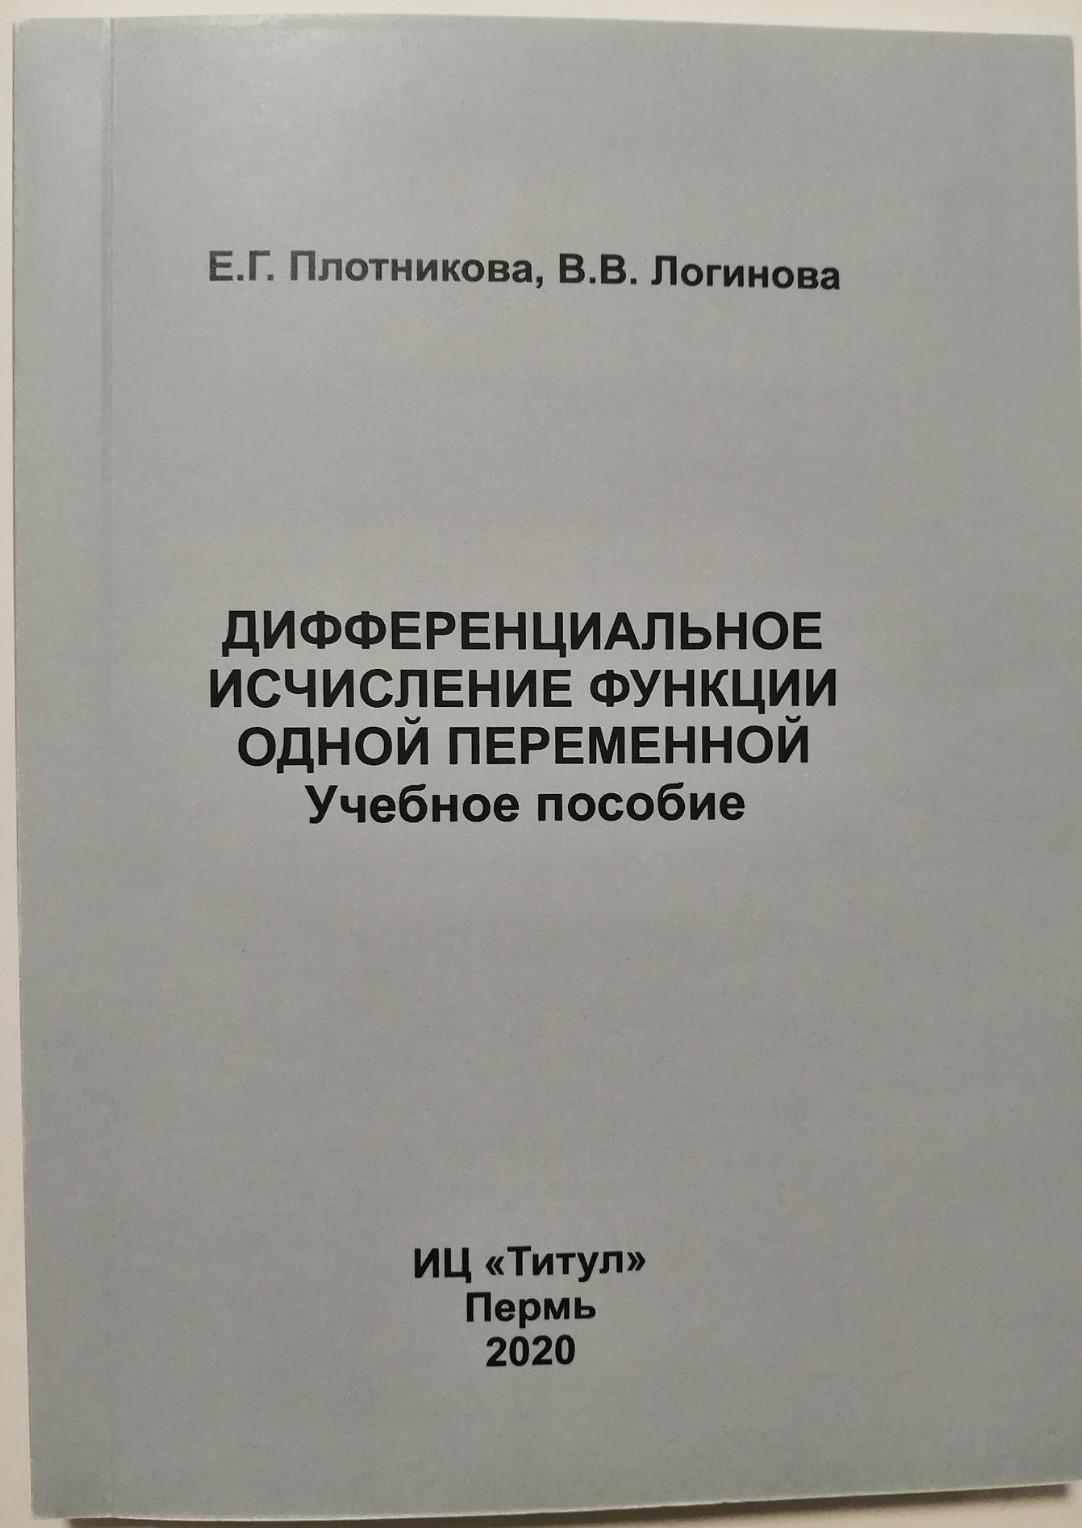 Дифференциальное исчисление функции одной переменной: учебное пособие